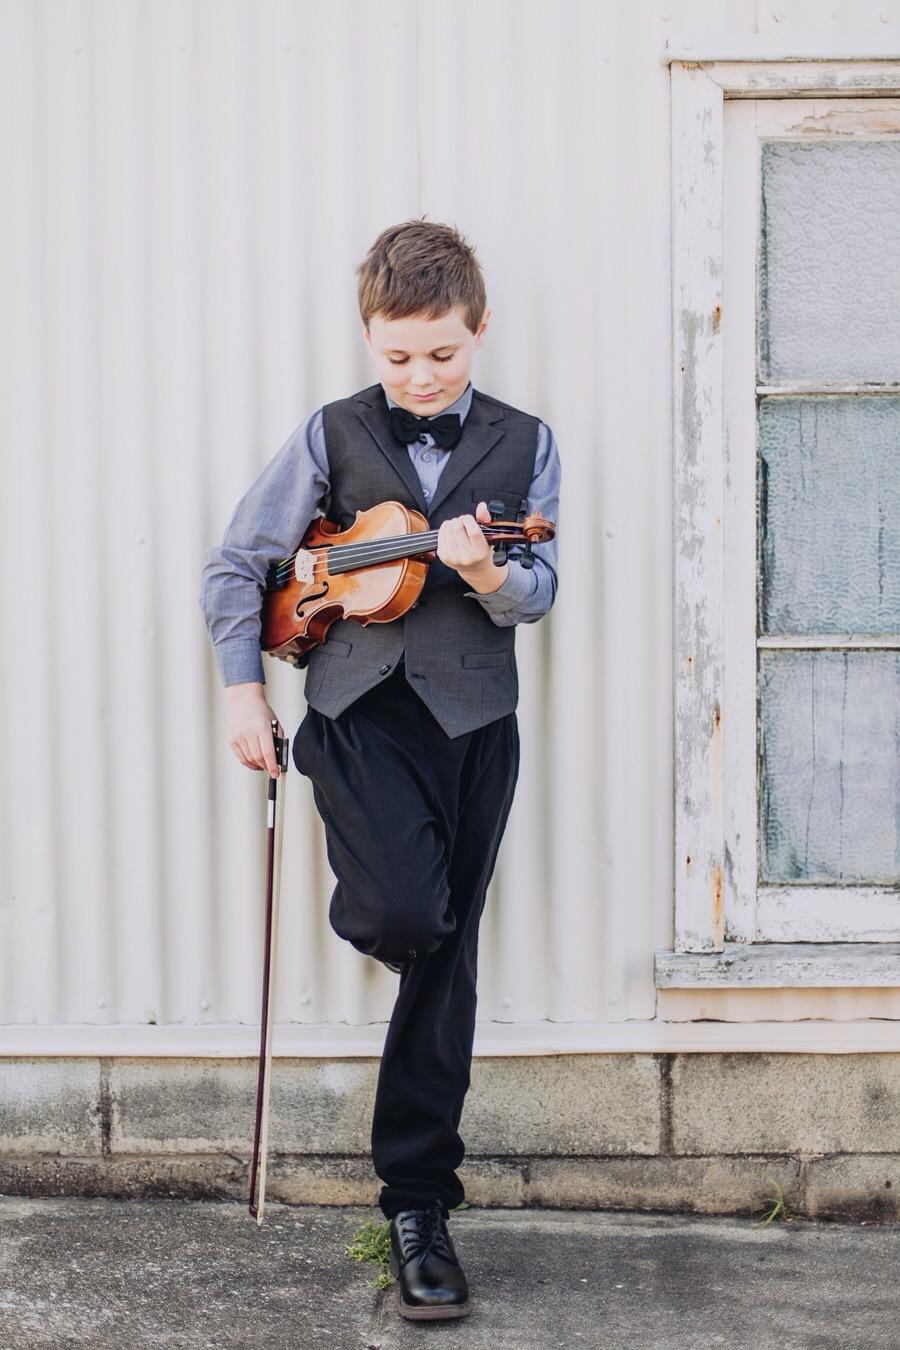 Kids Session - violin prop